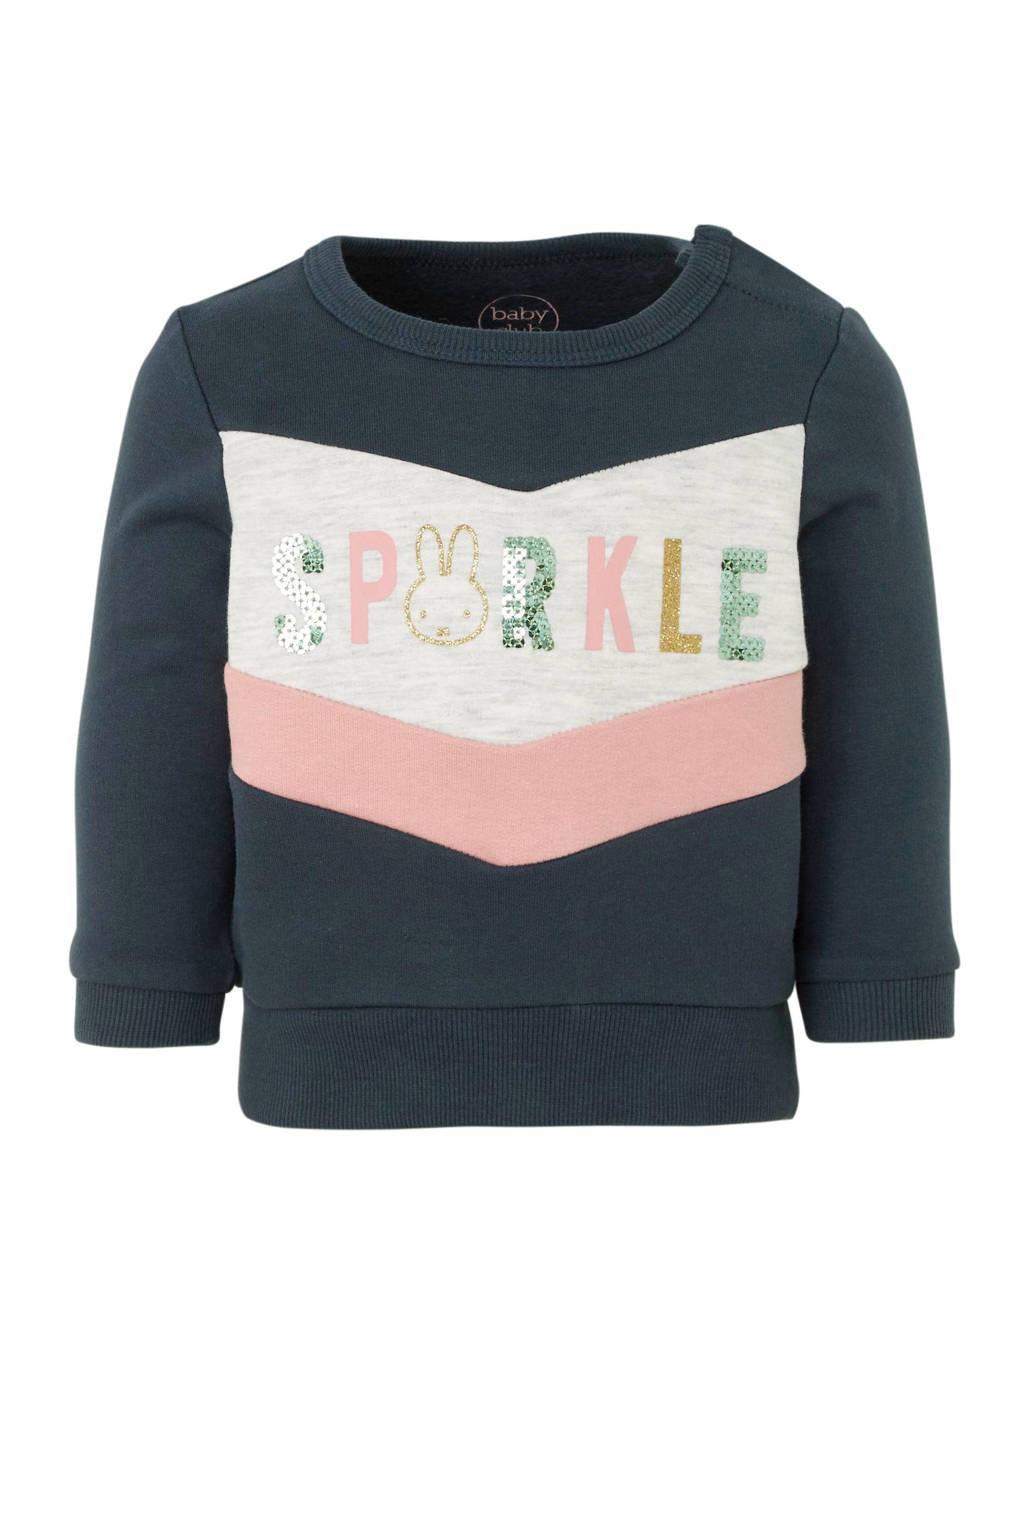 C&A glittersweater met tekst en pailletten antraciet/lichtgrijs/lichtroze, Antraciet/lichtgrijs/lichtroze